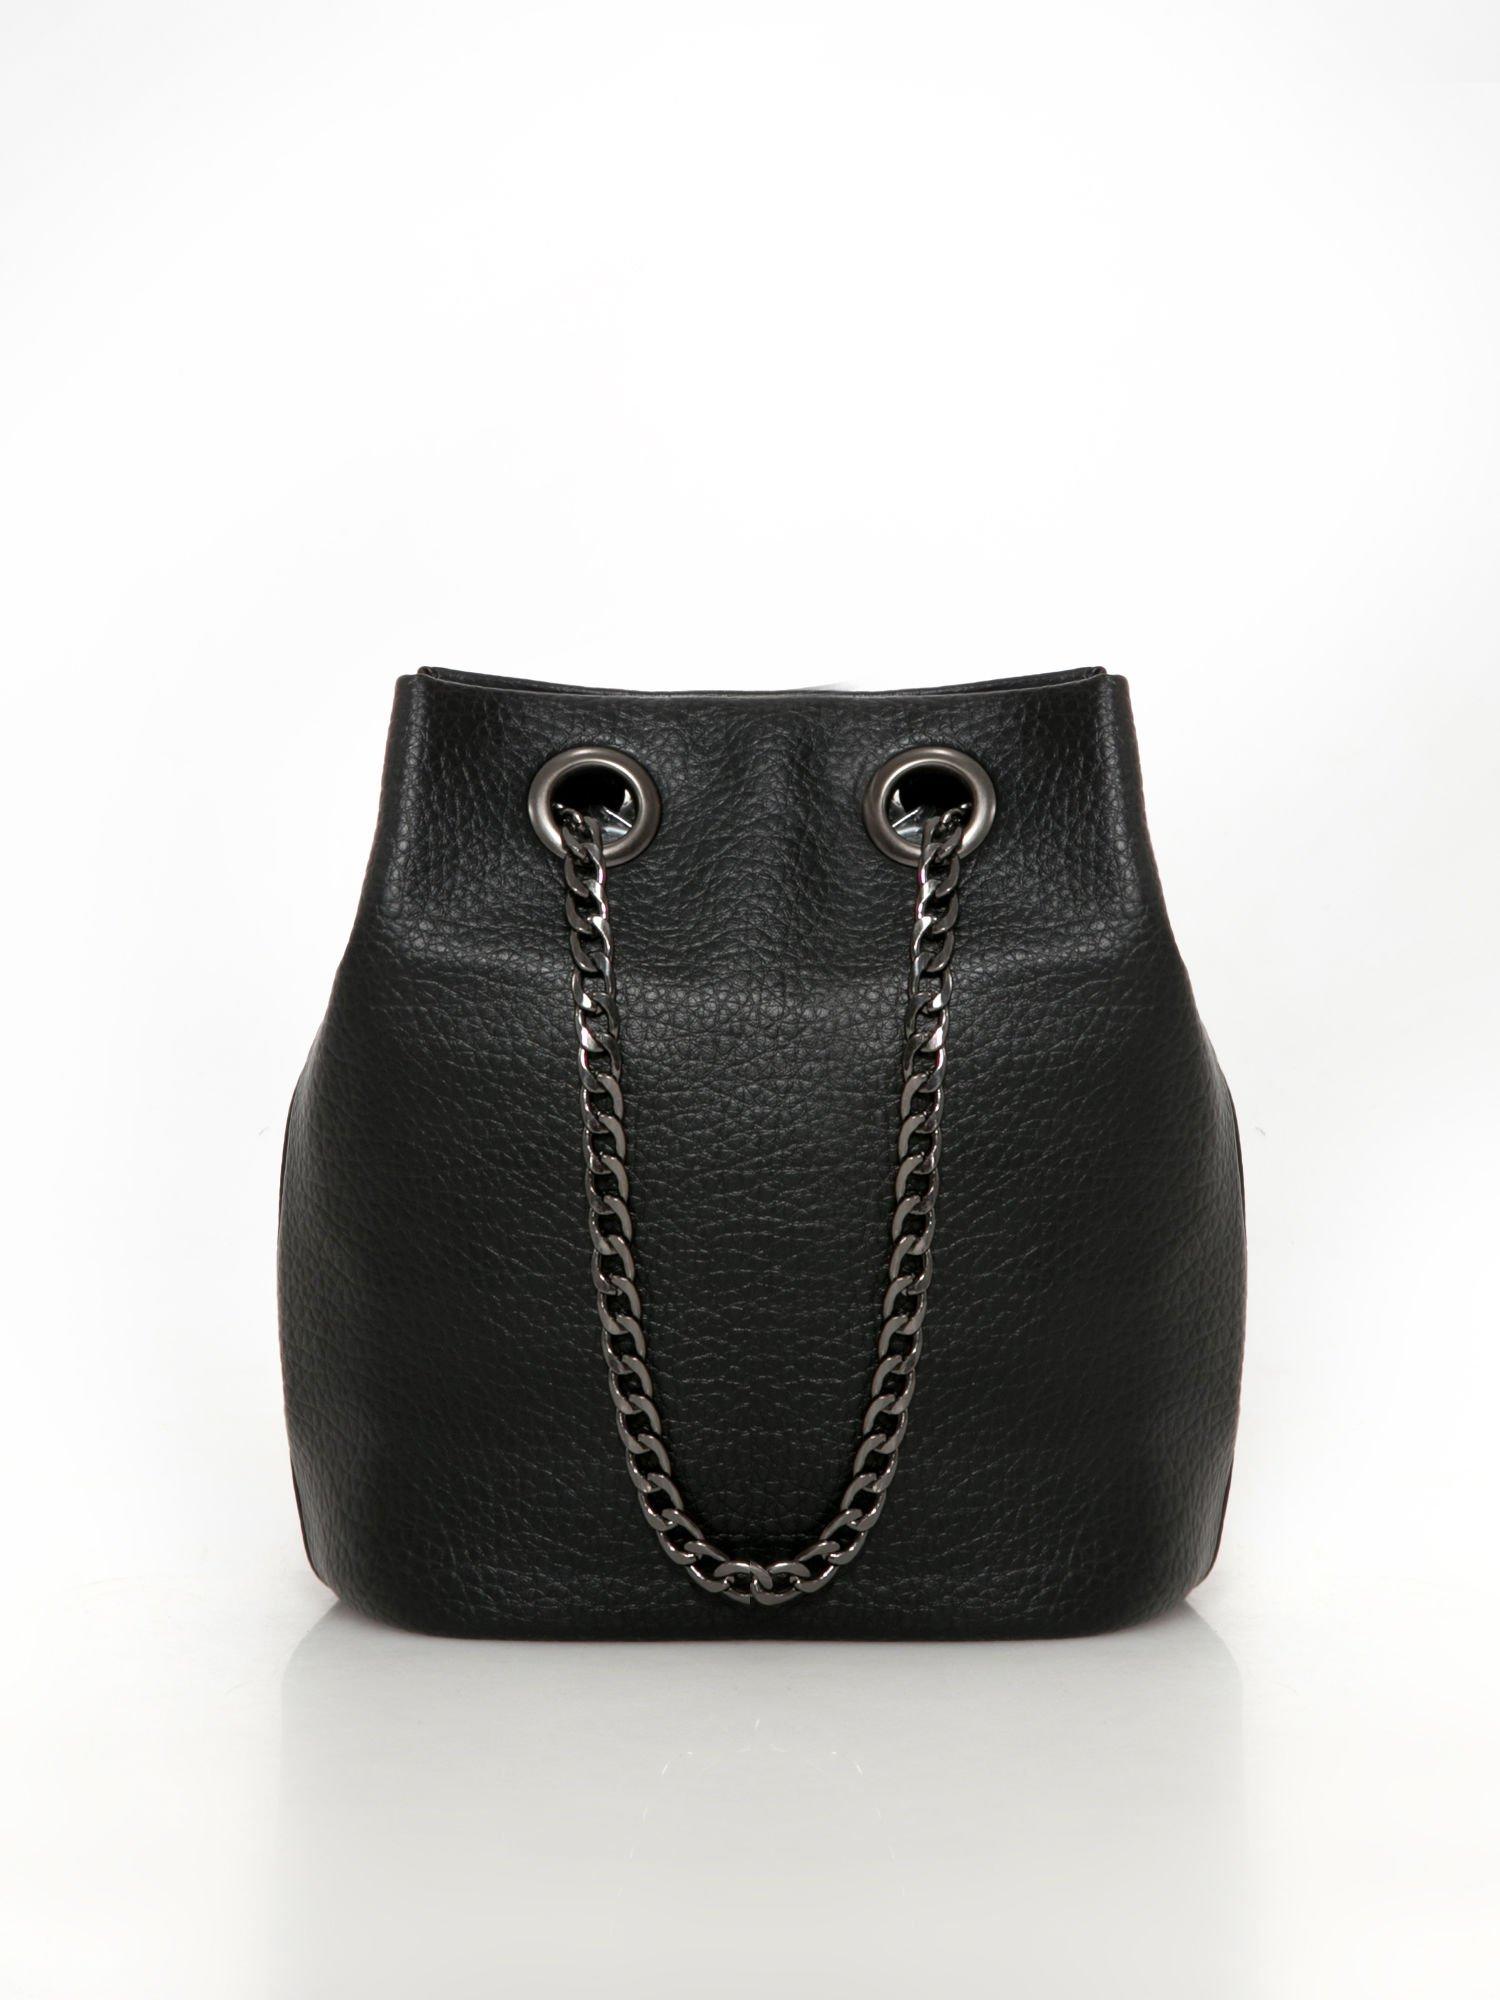 a0236cc92a80c Czarna torebka typu worek na łańcuszku - Akcesoria torba - sklep ...